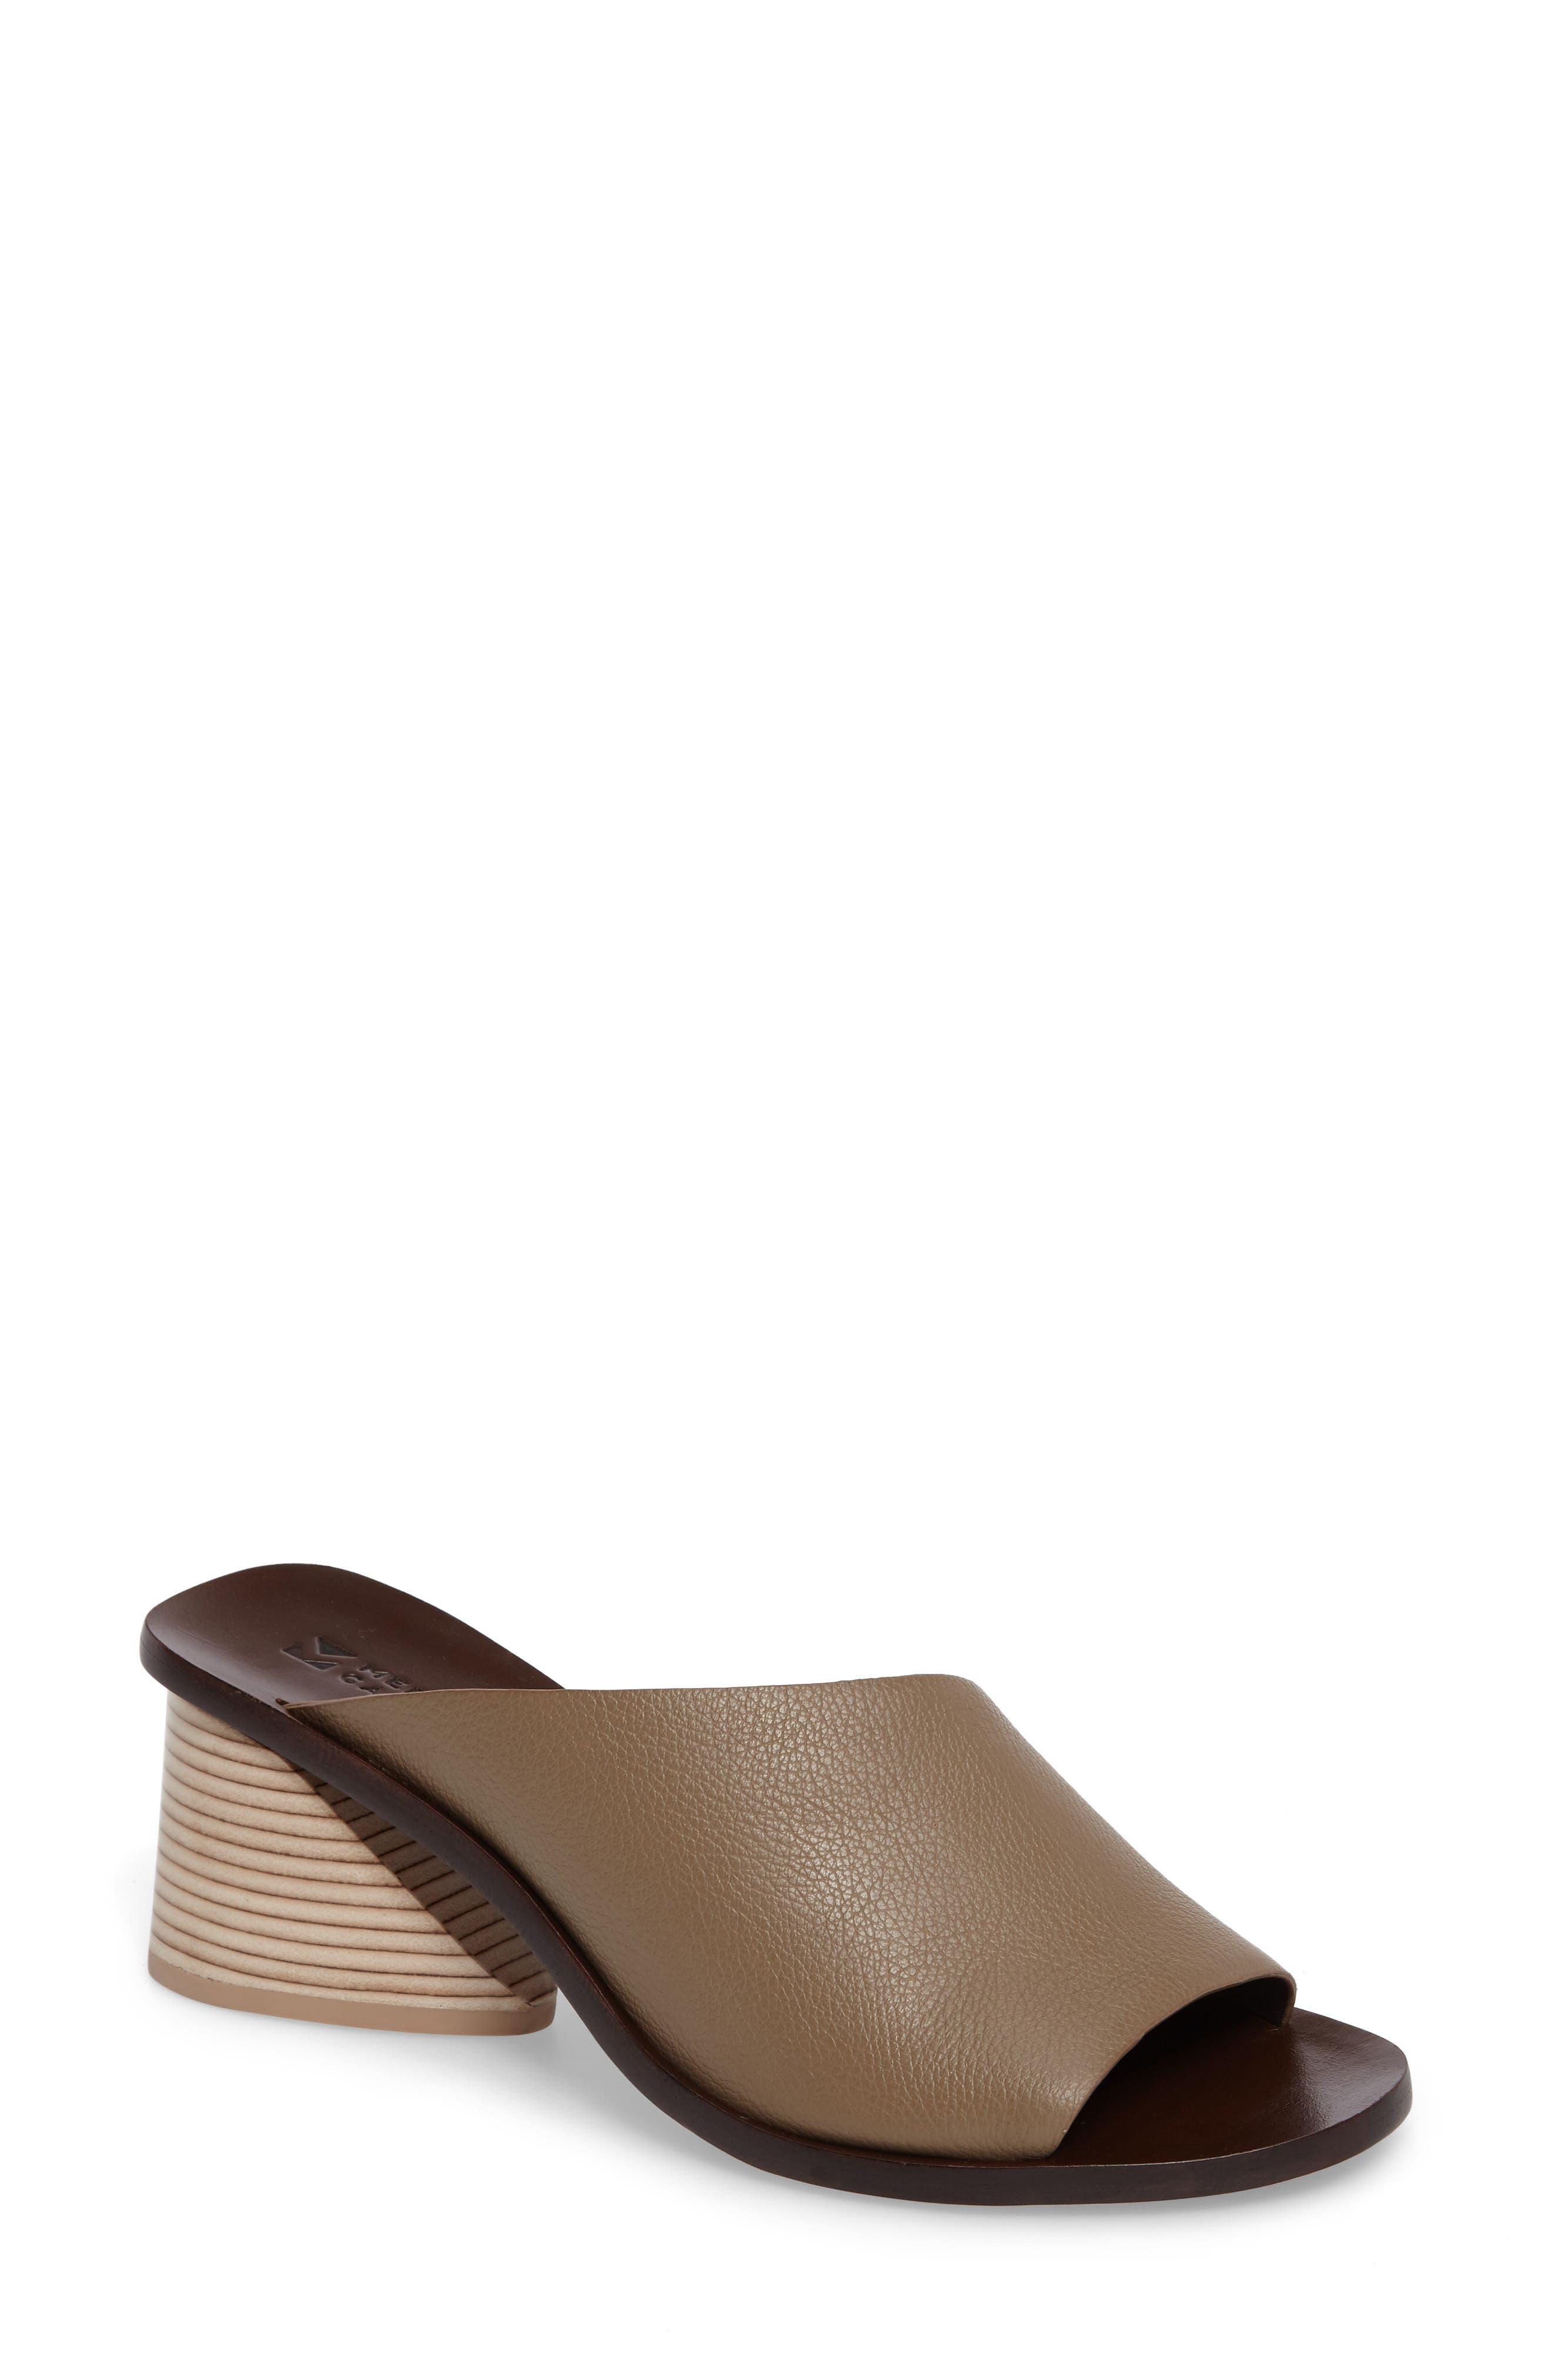 Alternate Image 1 Selected - Mercedes Castillo Izar Slide Sandal (Women)